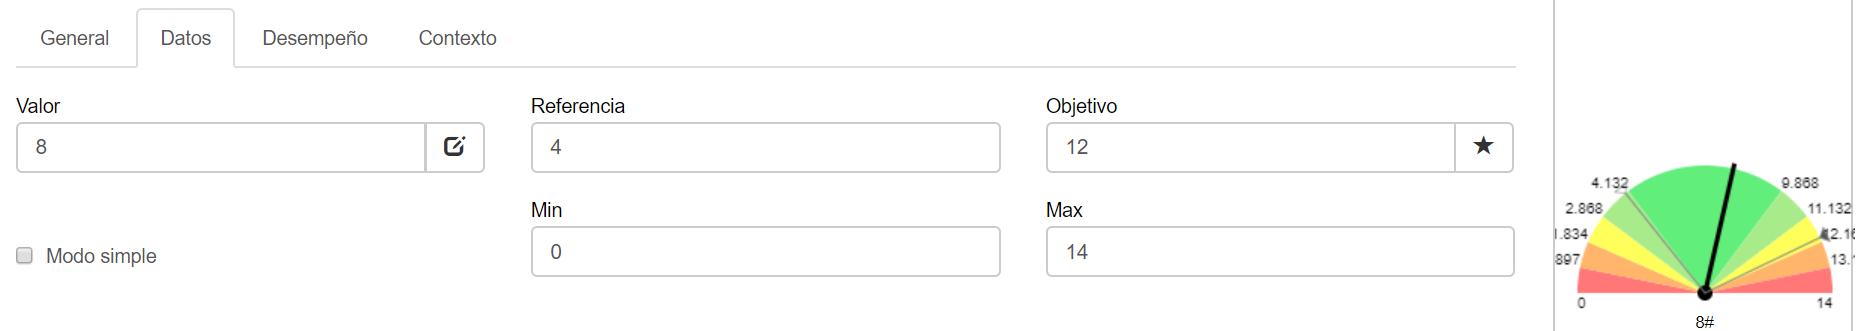 Un ejemplo de métricas cuantitativas : el número de miembros del comité